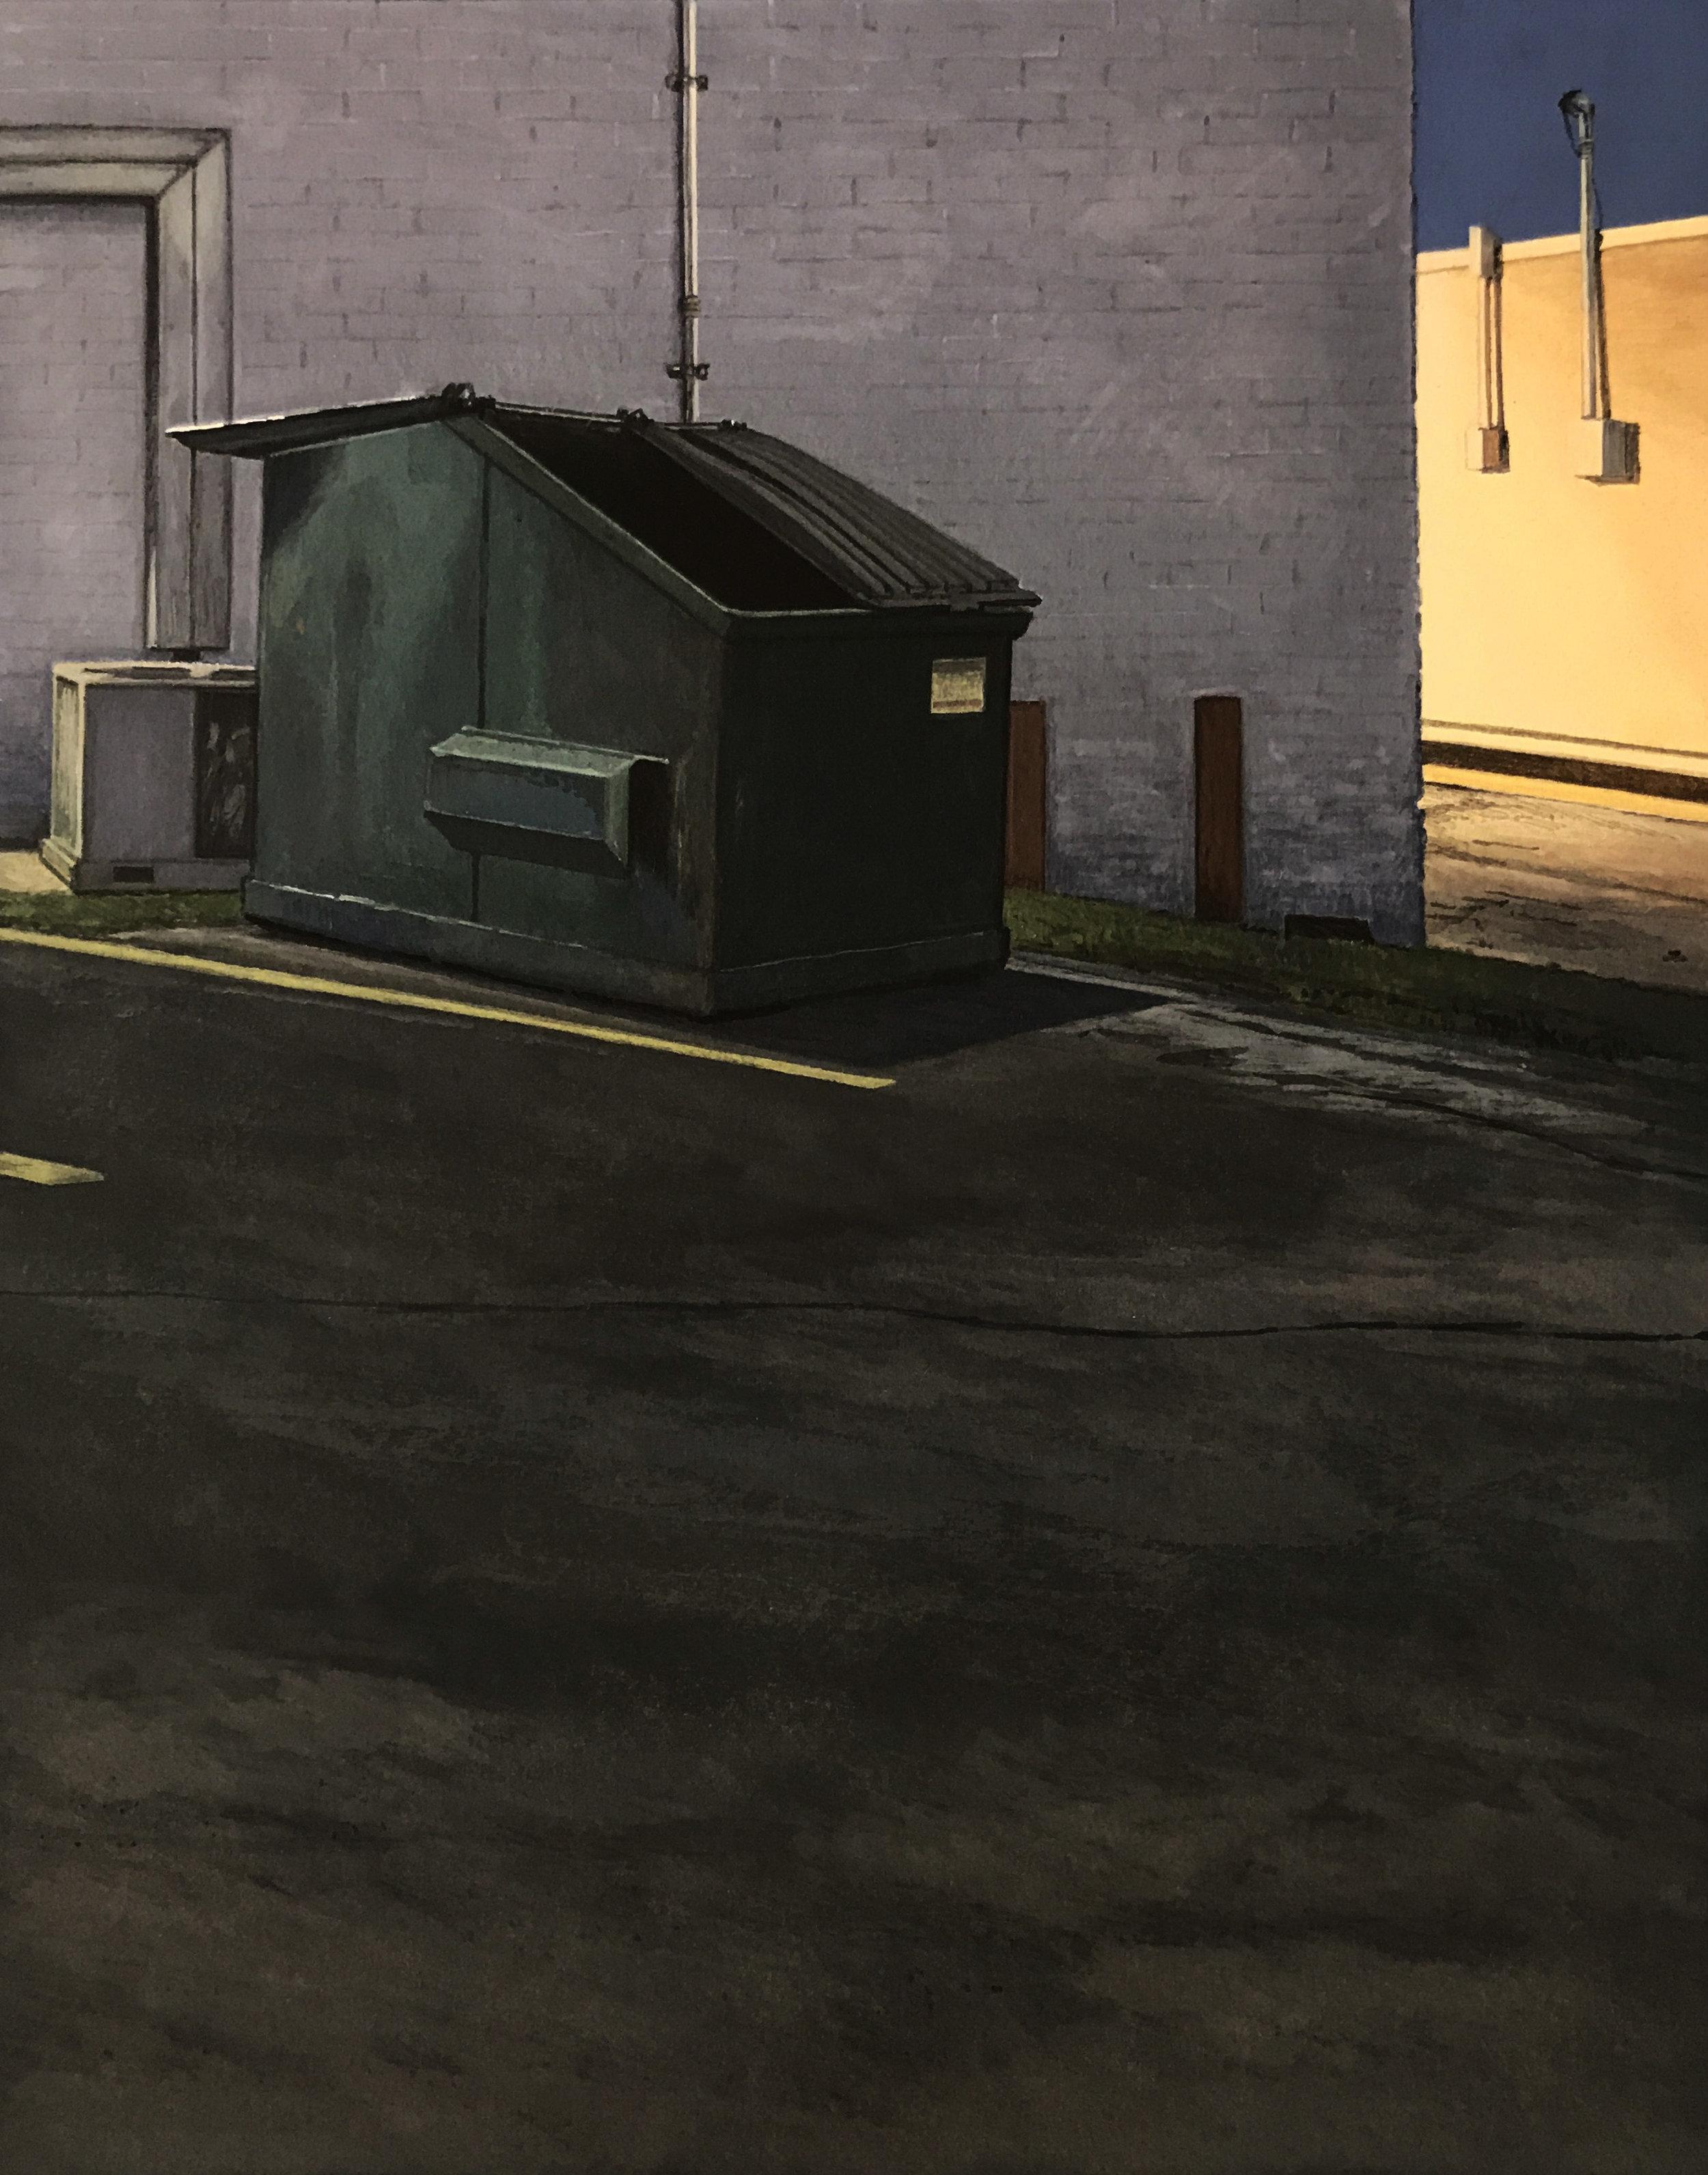 """Dumpster Nocturne ll  Gouache on paper  18 1/8"""" x 16 1/8"""" Framed"""